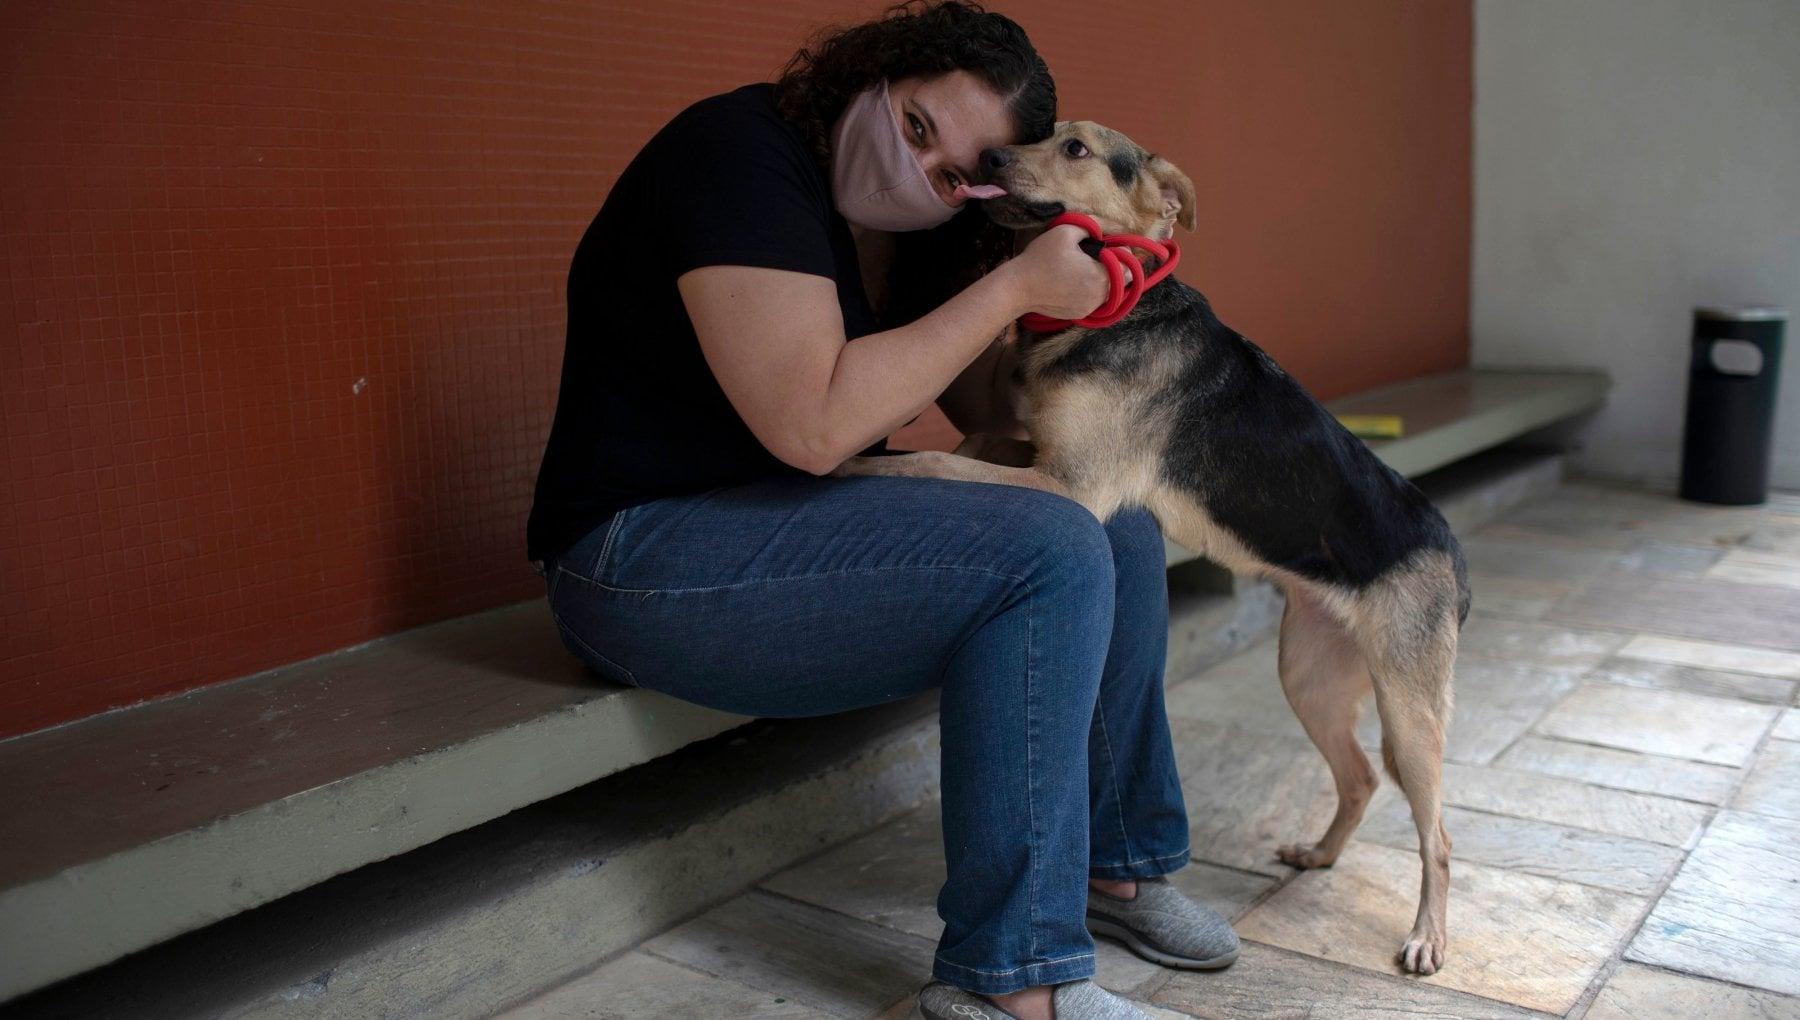 Cani Gatti E Altri Pet Un Antidoto Alla Solitudine Del Lockdown La Repubblica